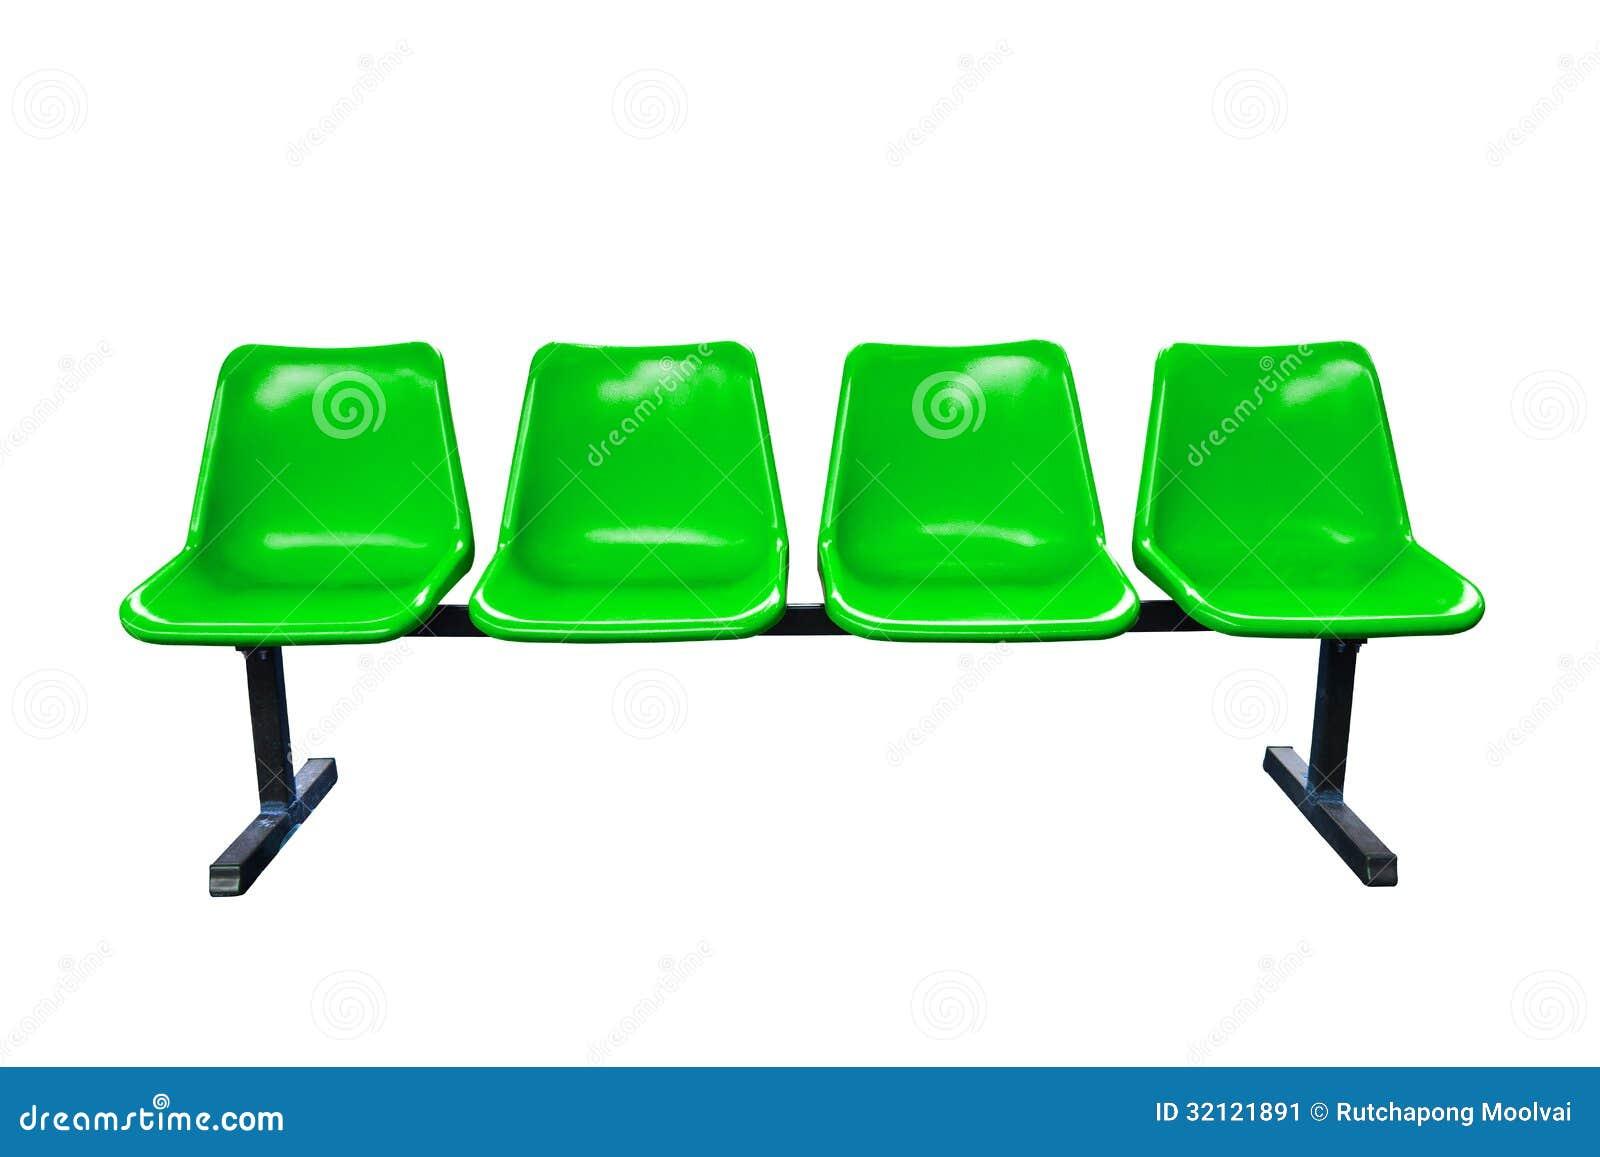 Sedie Verdi Di Plastica.Sedie Di Plastica Verdi Alla Fermata Dell Autobus Isolata Immagine